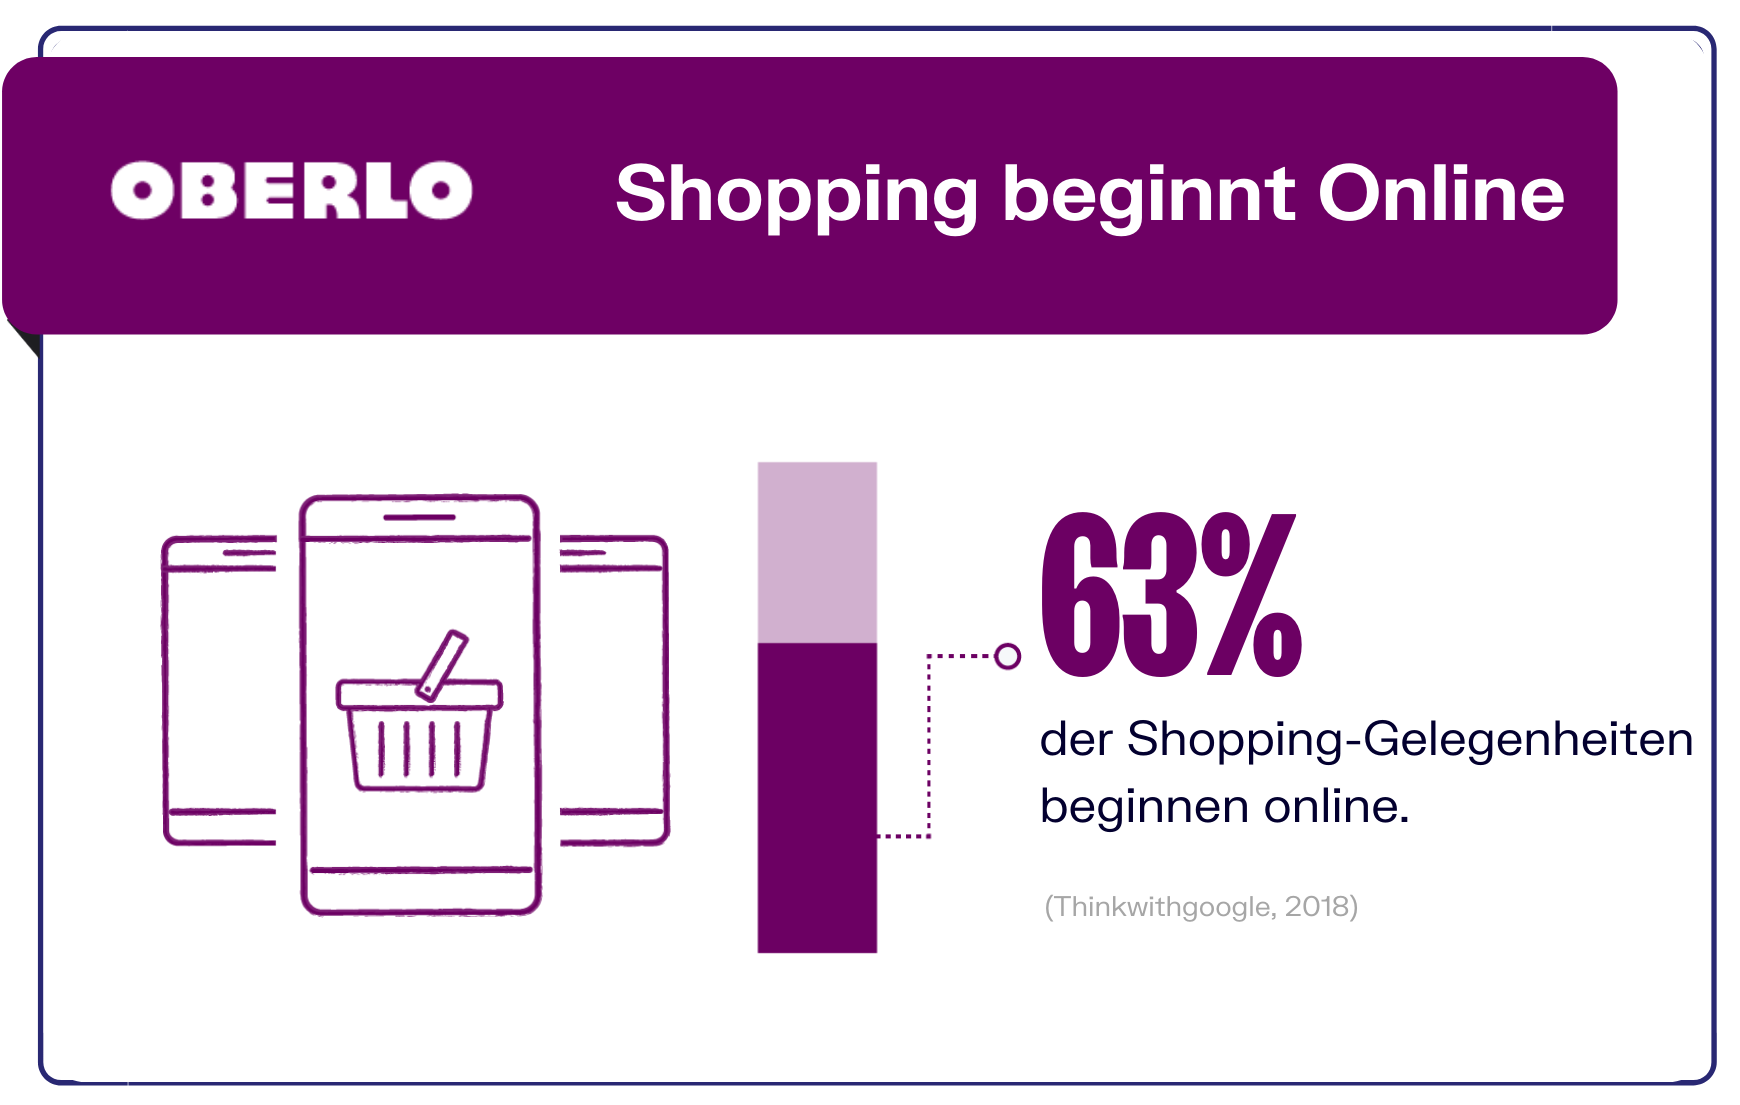 Einkaufen beginnt Online